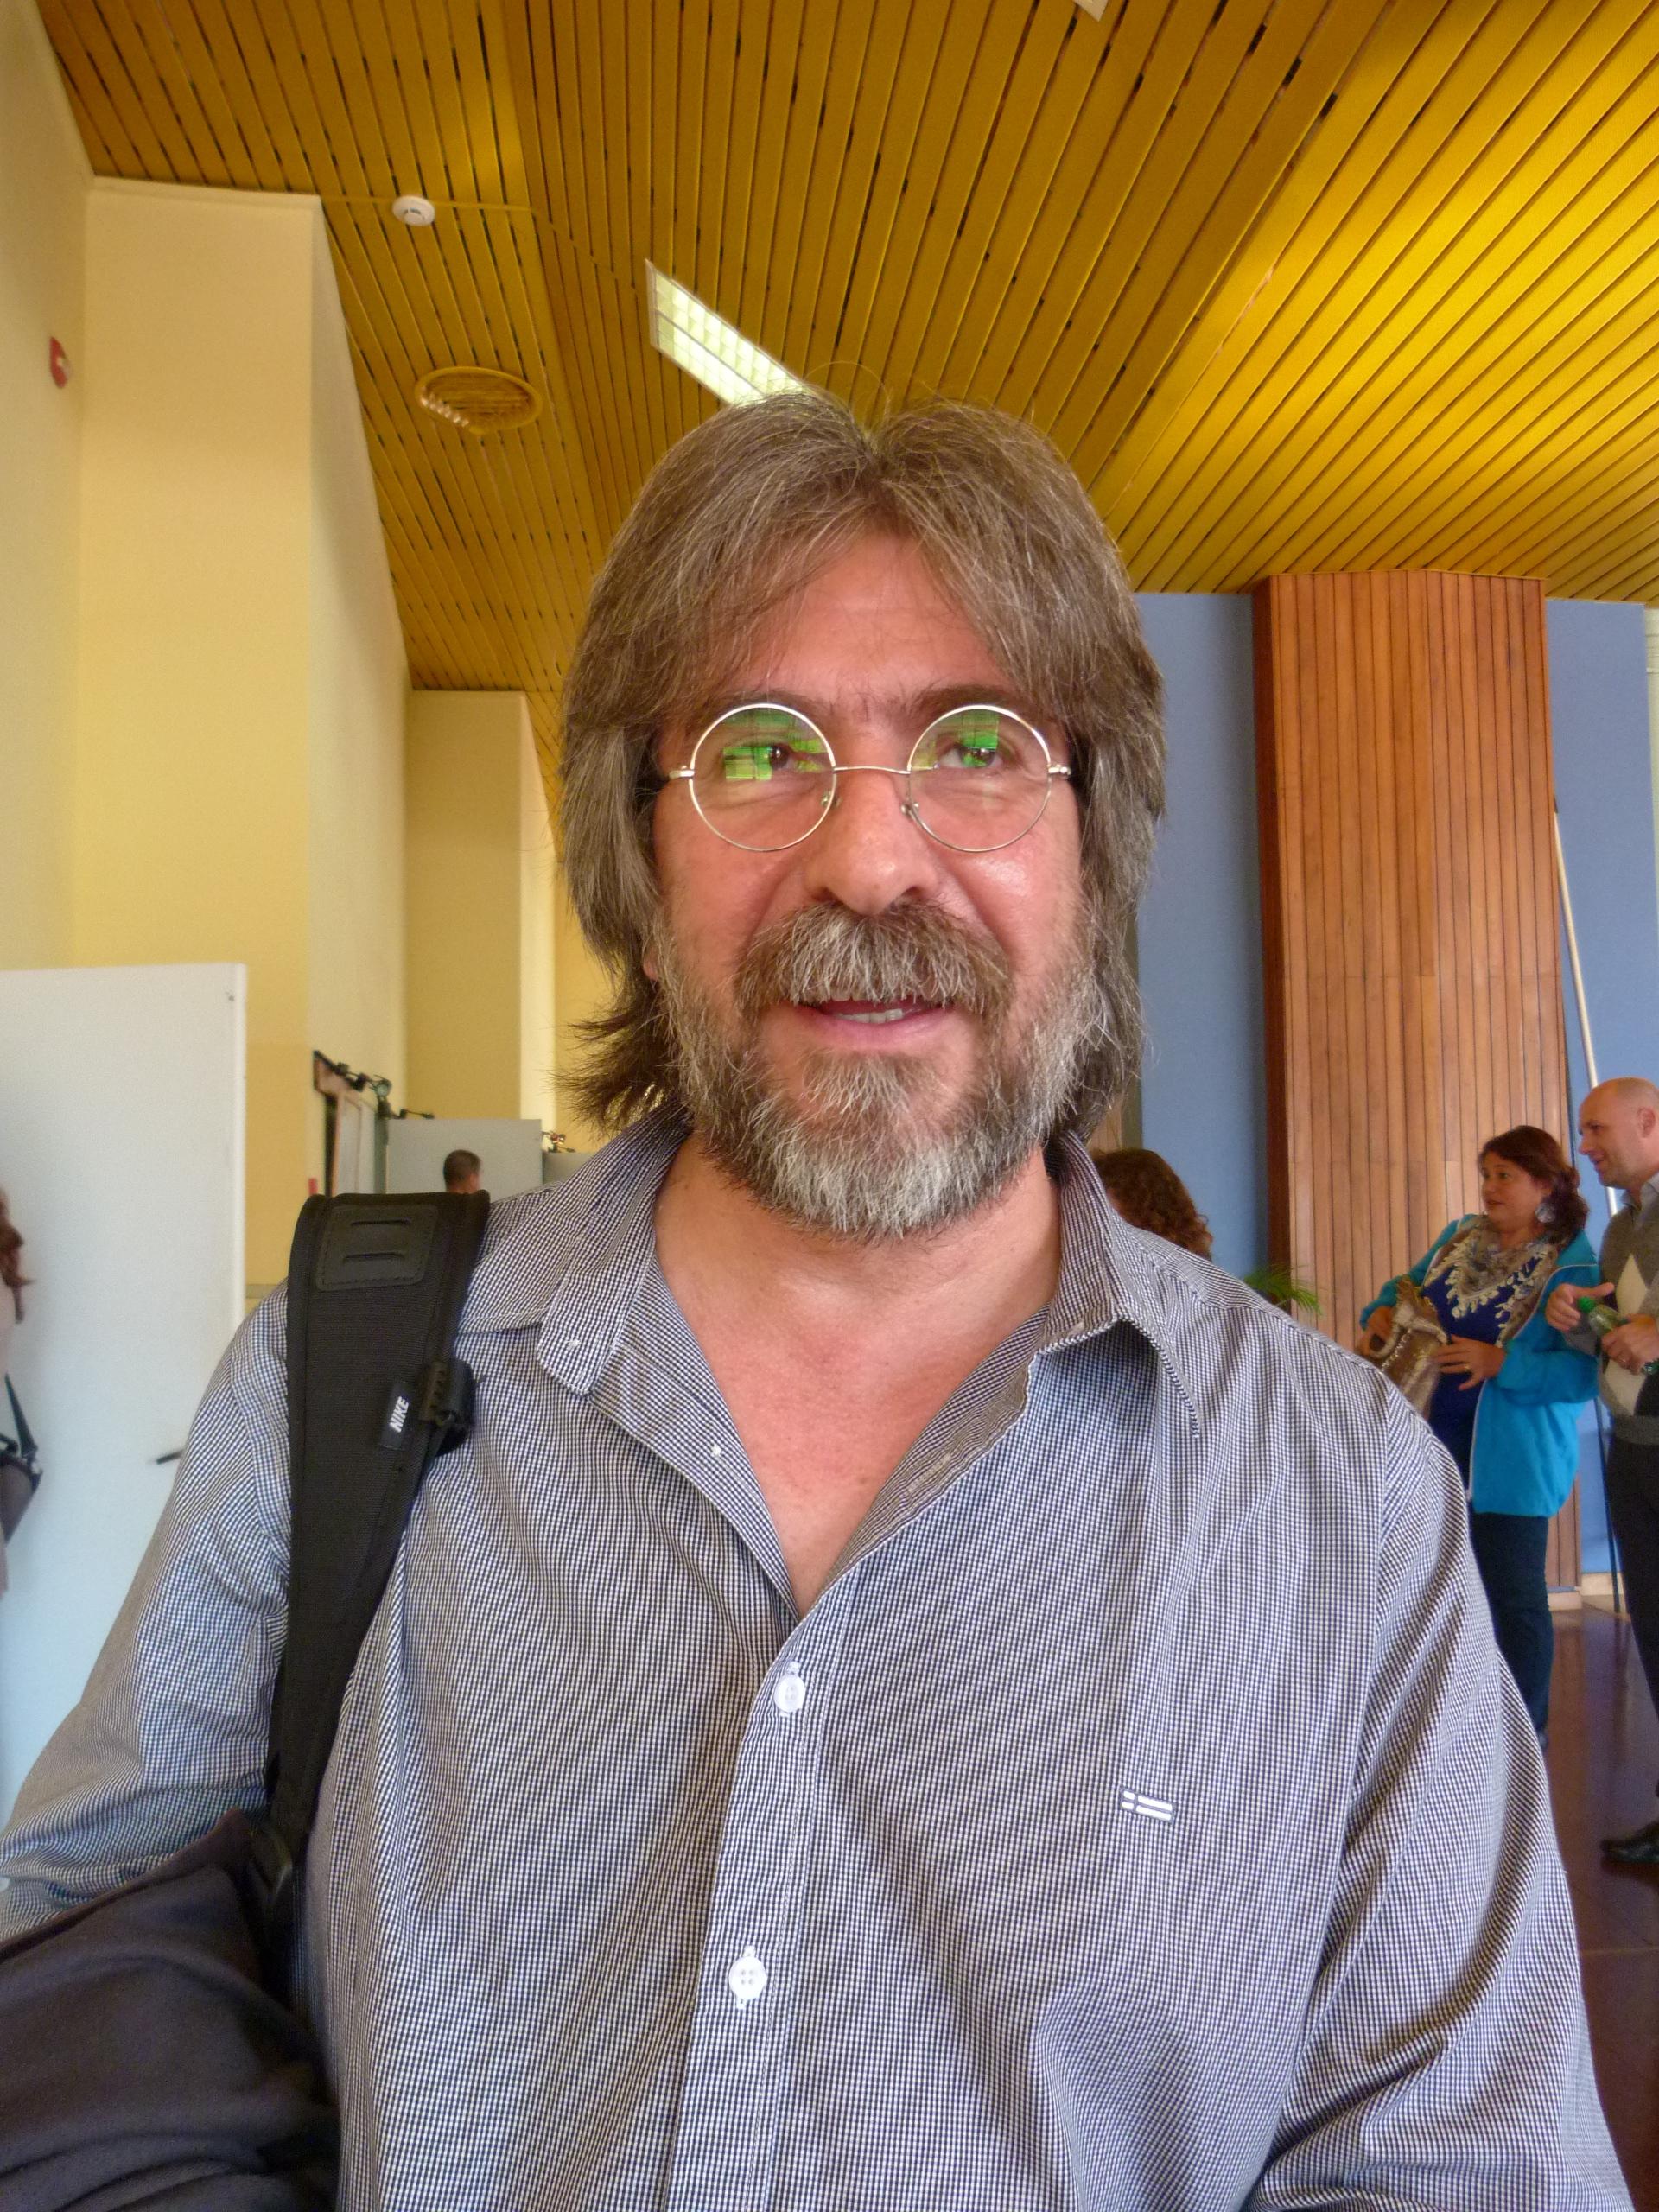 Néstor Carasa, Secretario de Educación Especial SUTEBA y Coordinador Comisión Educación Especial CTERA.